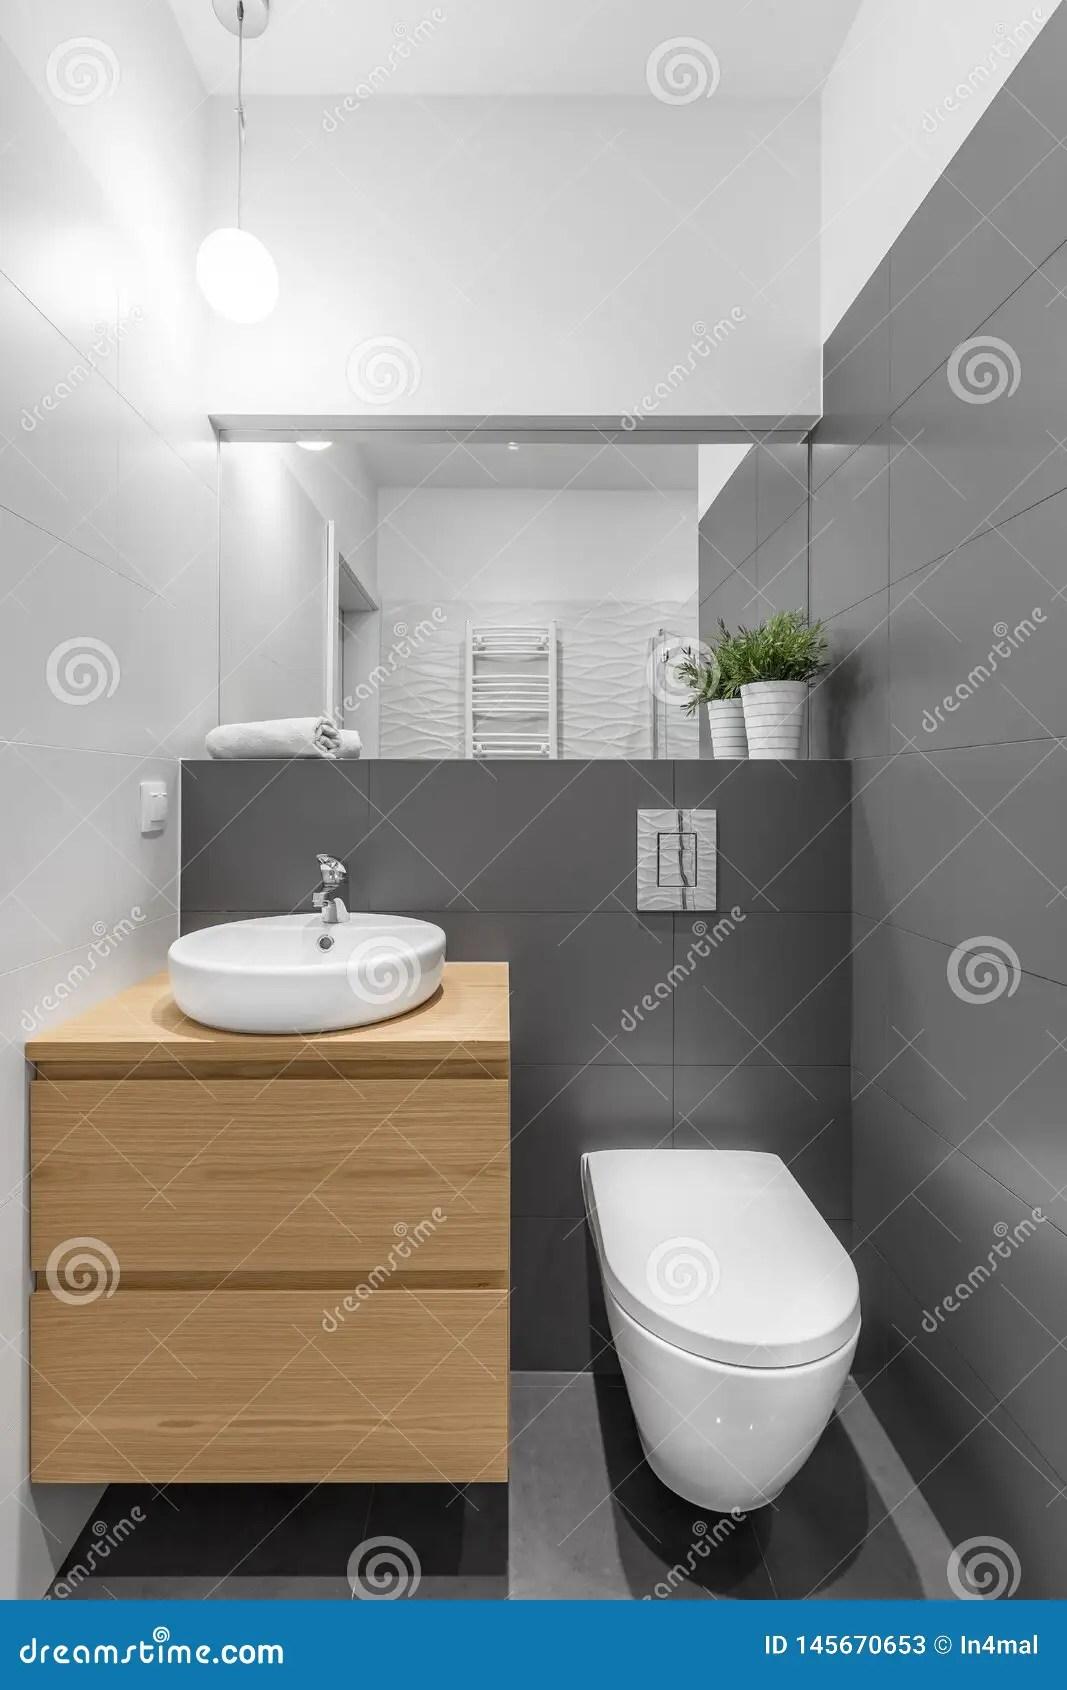 https fr dreamstime com petite salle bains grise blanche bassin toilette d armoire image145670653